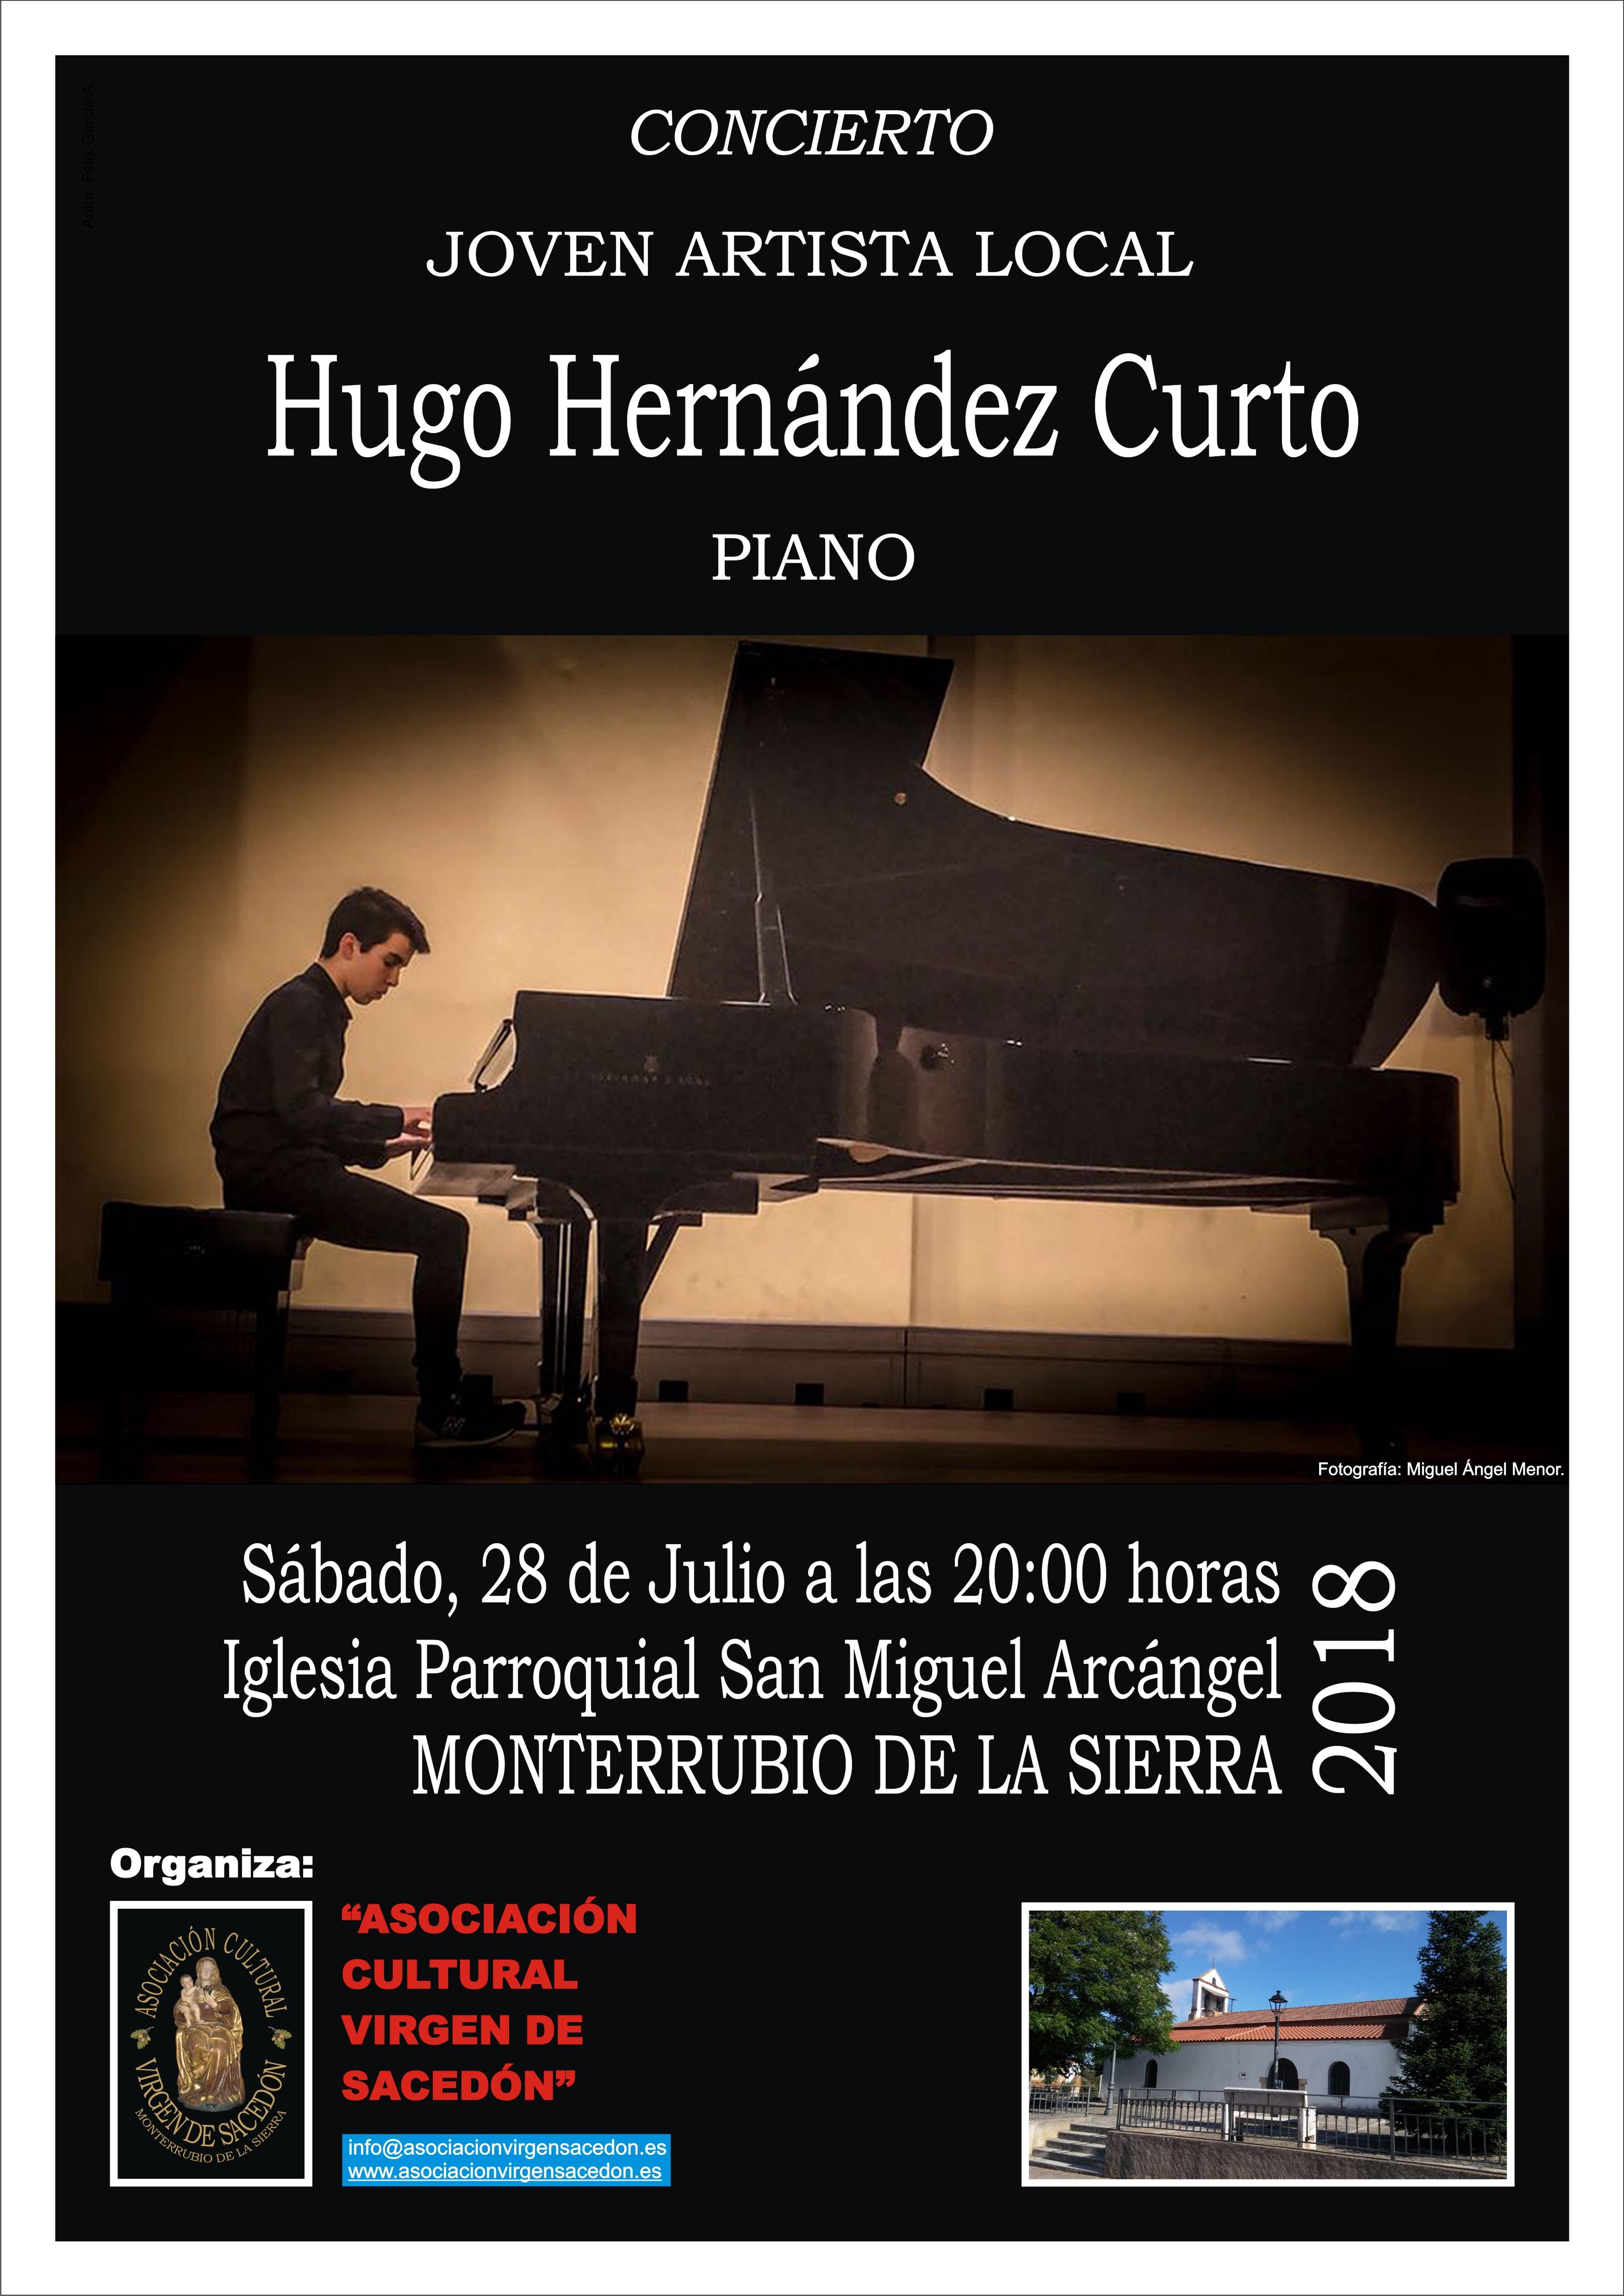 HUGO HERNÁNDEZ OFRECE UN RECITAL DE PIANO EN LA IGLESIA DE MONTERRUBIO DE LA SIERRA